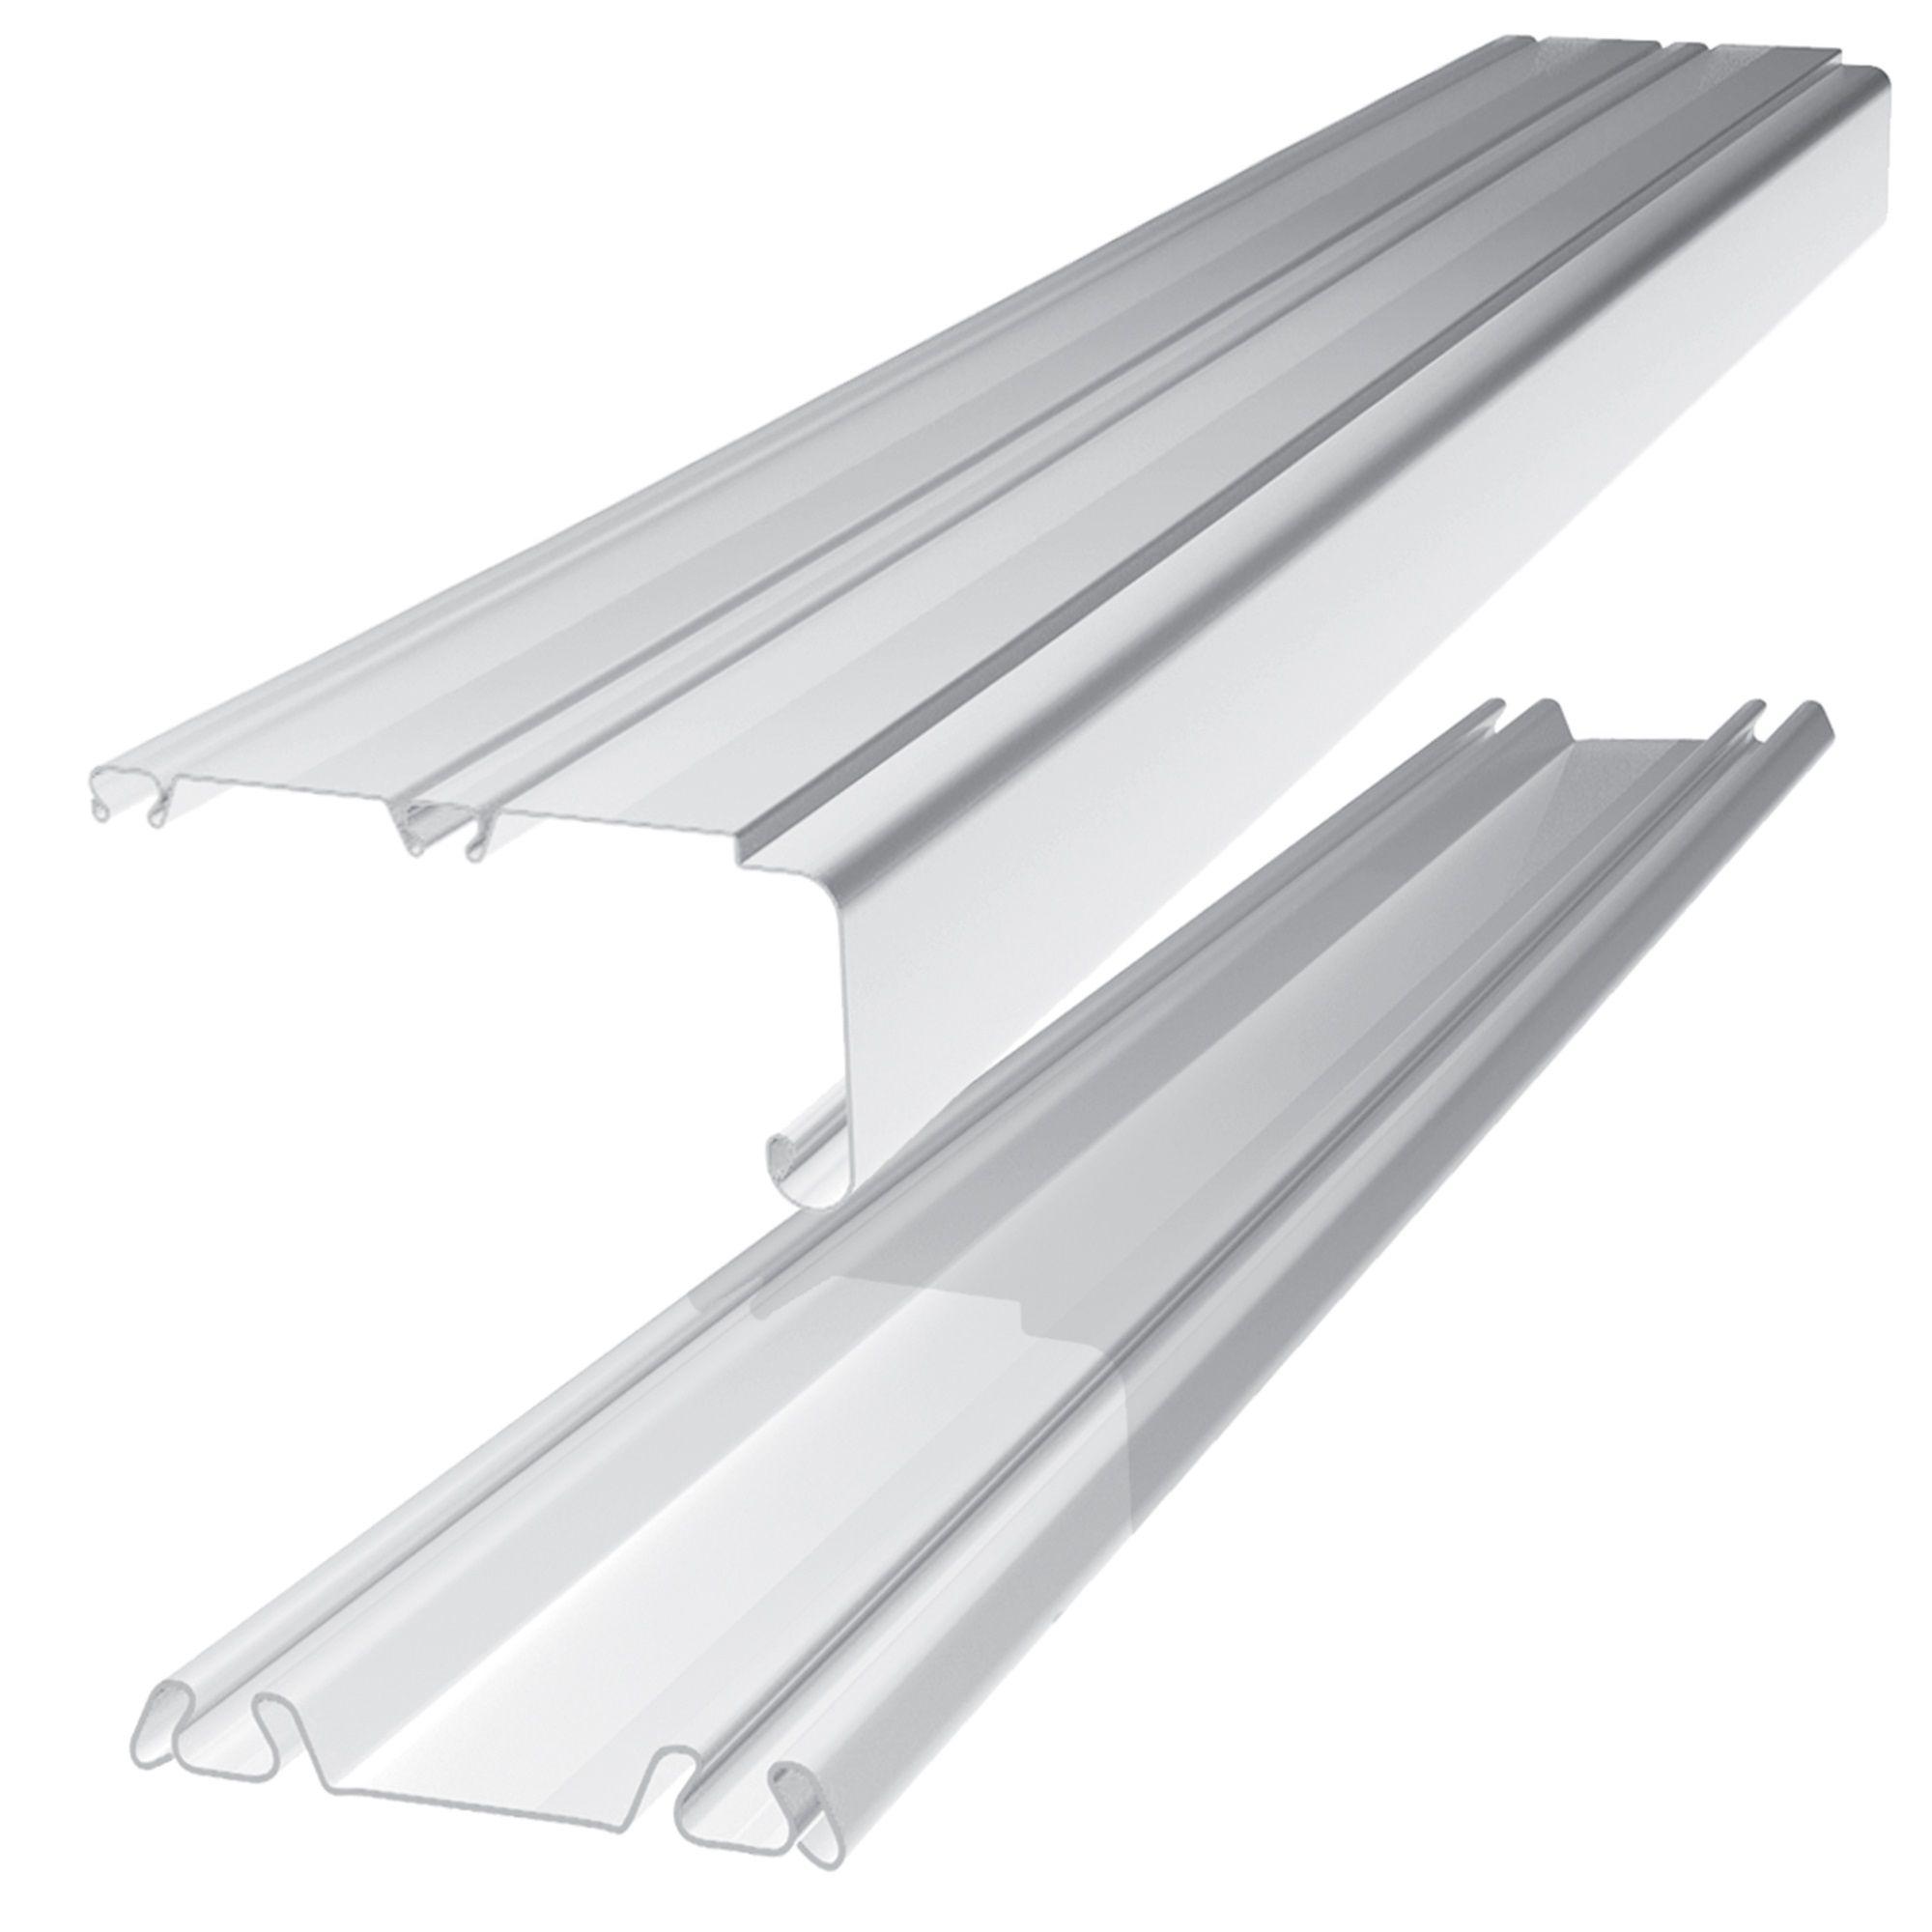 Standard Small Silver Wardrobe Sliding Door Track L 1